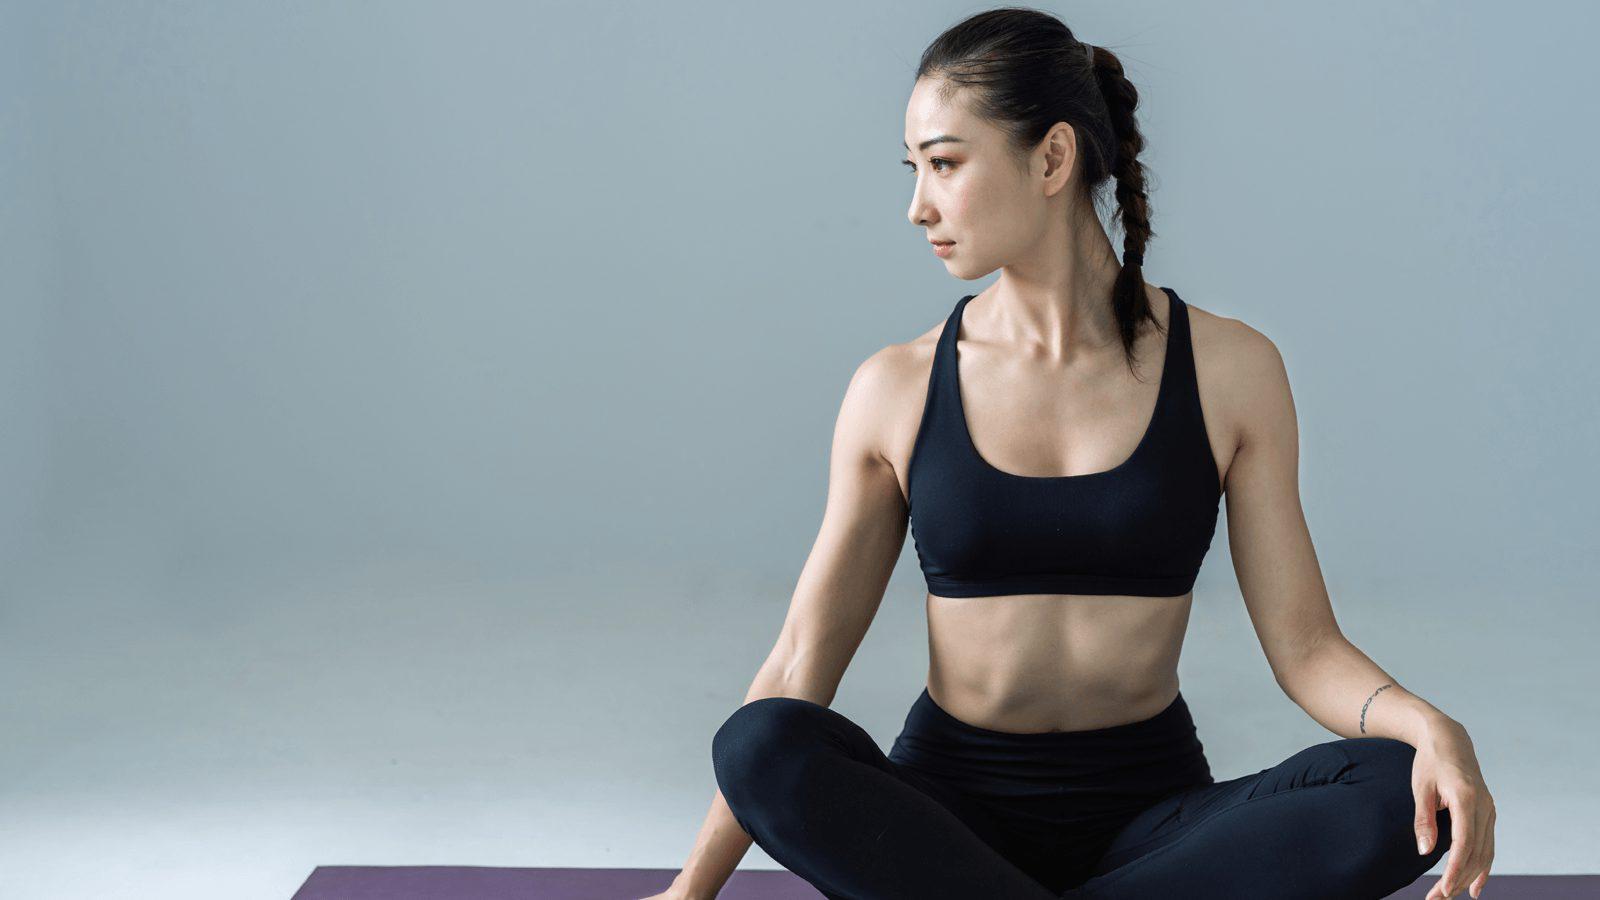 Rèn luyện thể dục thể thao để phòng ngừa vẹo cột sống và bảo vệ xương khớp